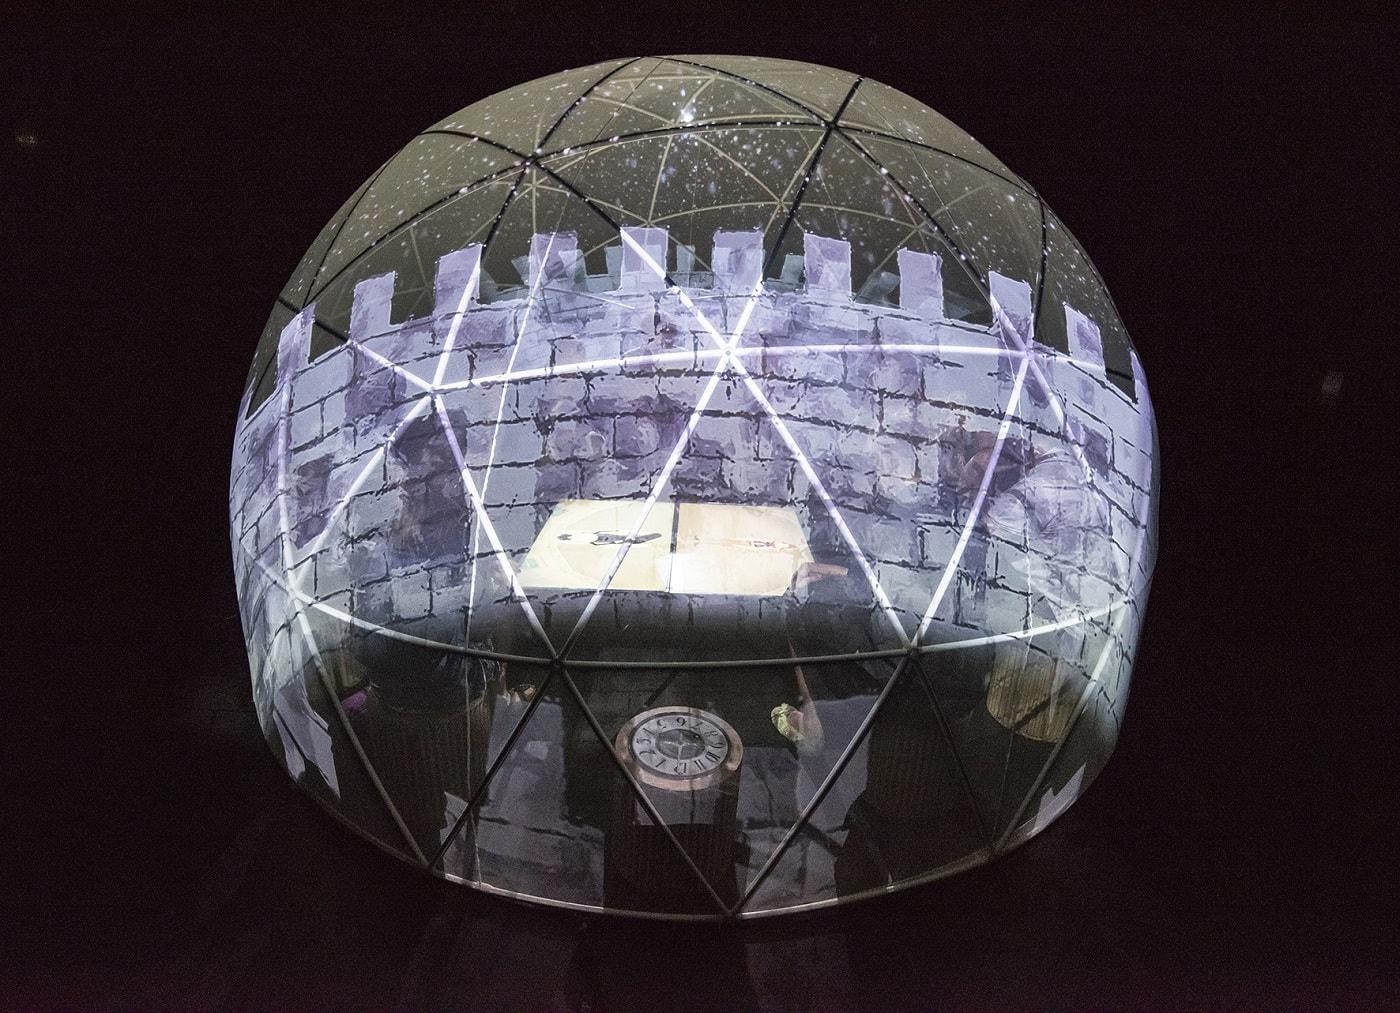 Kinder erleben mit 360-Grad-Kuppel die Märchenwelt // HIMBEER